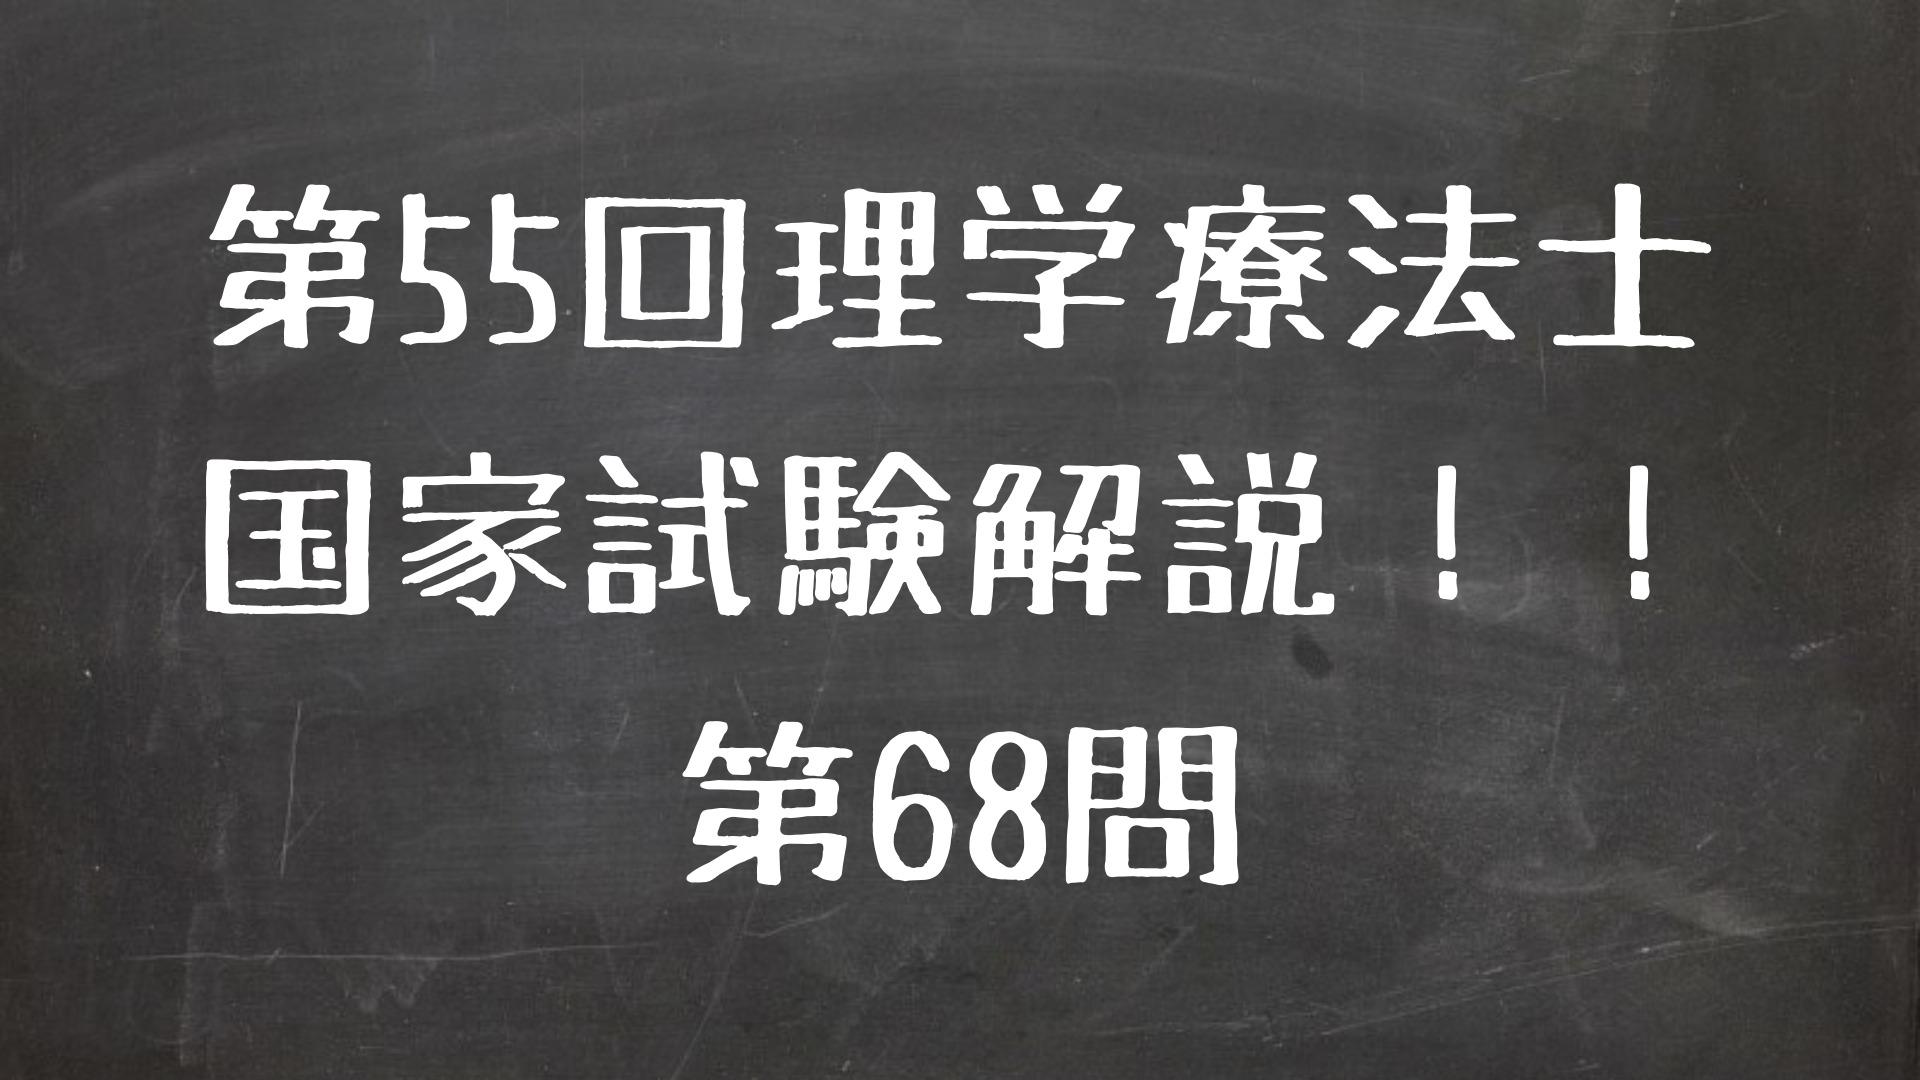 第55回理学療法士国家試験 午前 第68問